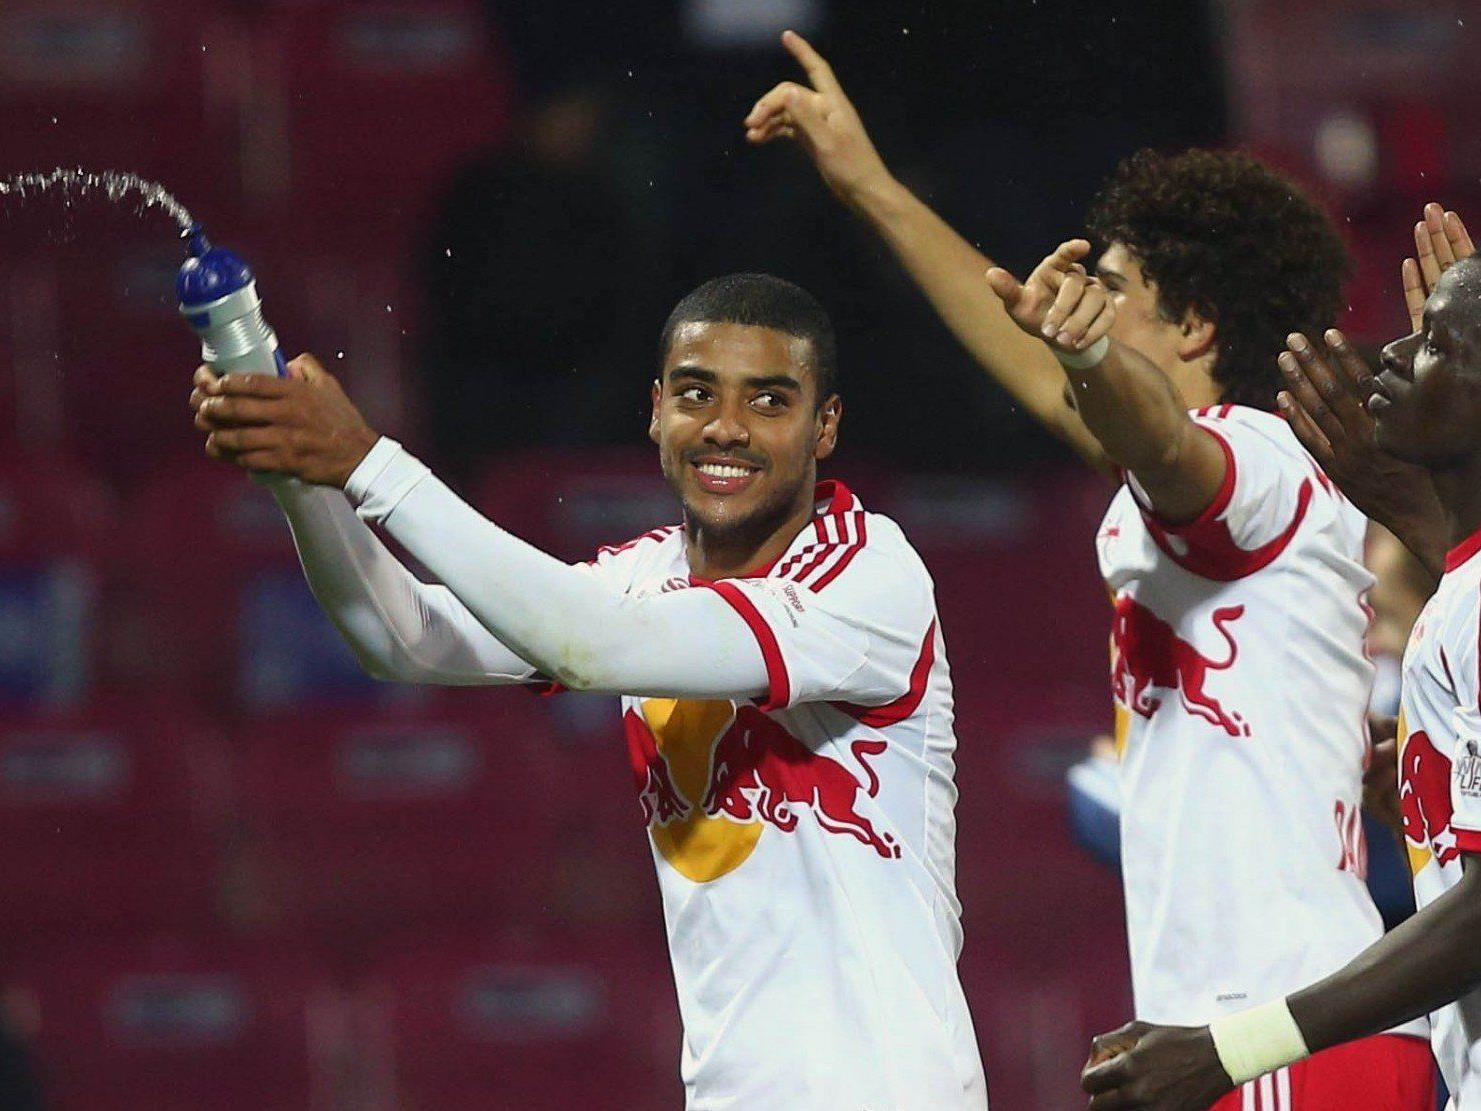 Red Bull Salzburg konnte die Siegesserie fortsetzen: Die Meinungen zum Spiel.